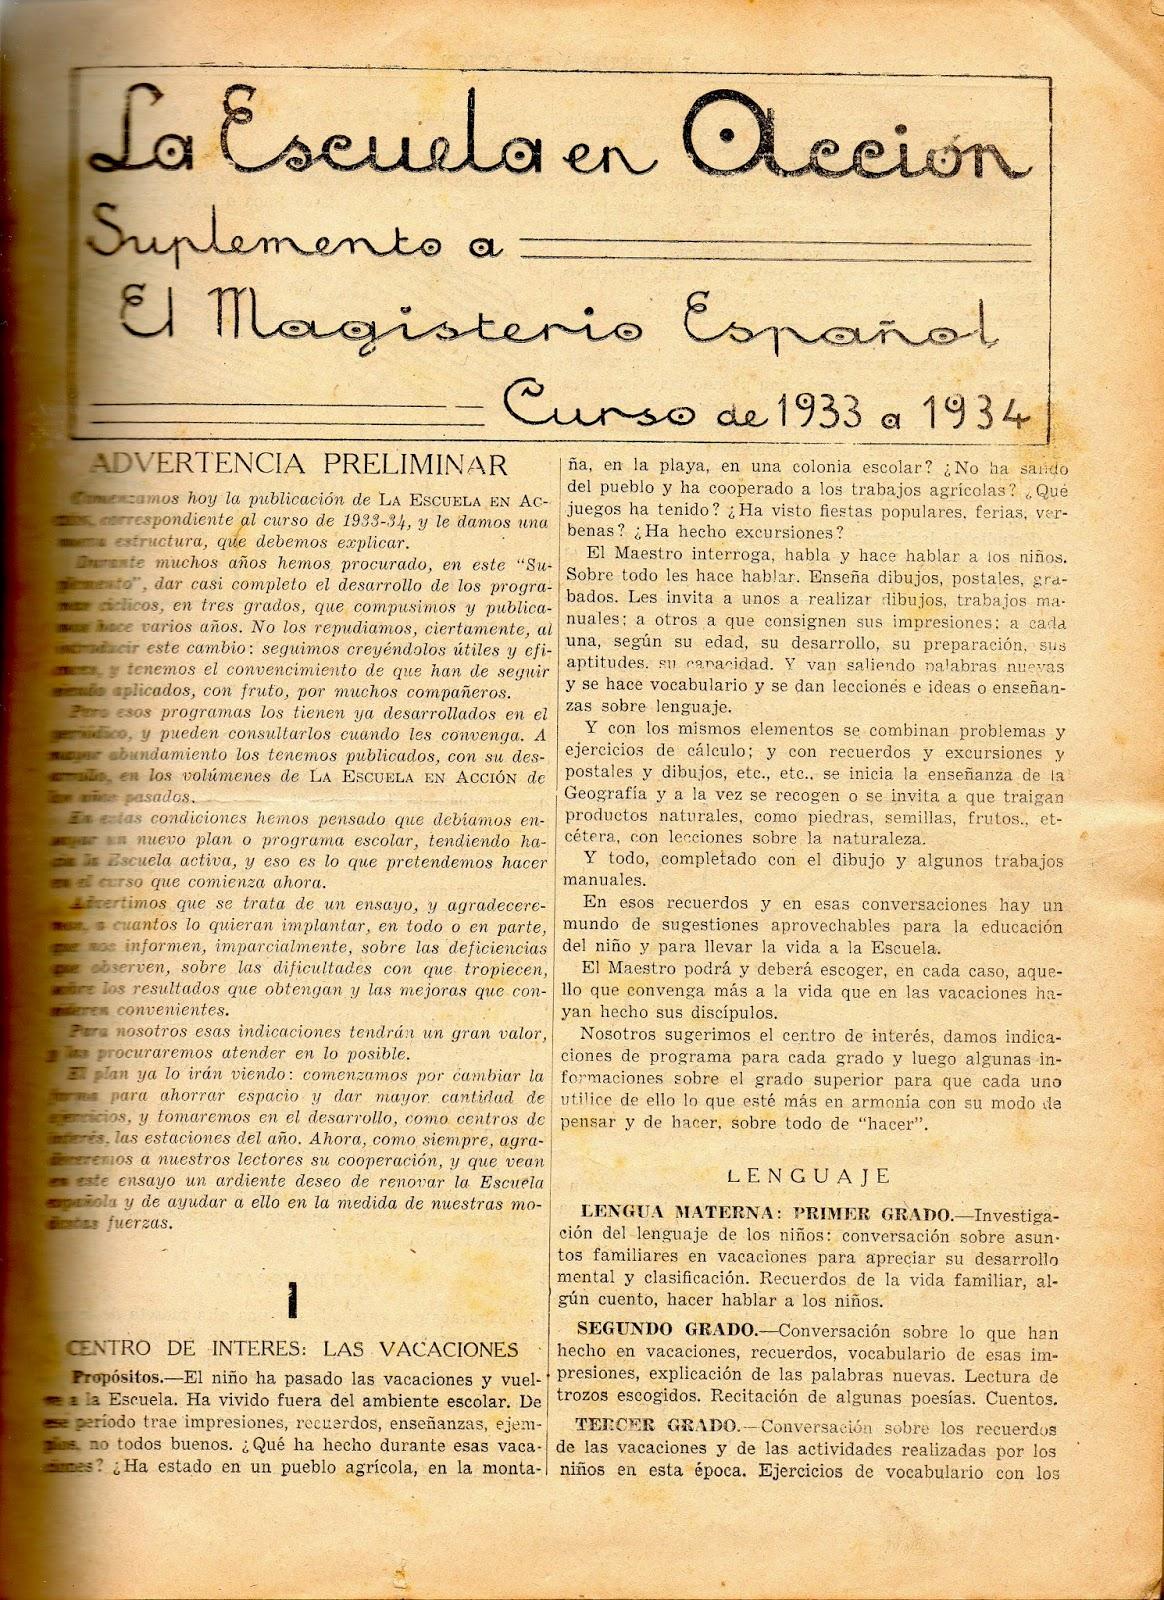 La Escuela en Acción – Suplemento a El Magisterio Español – Curso de 1933 a 1934